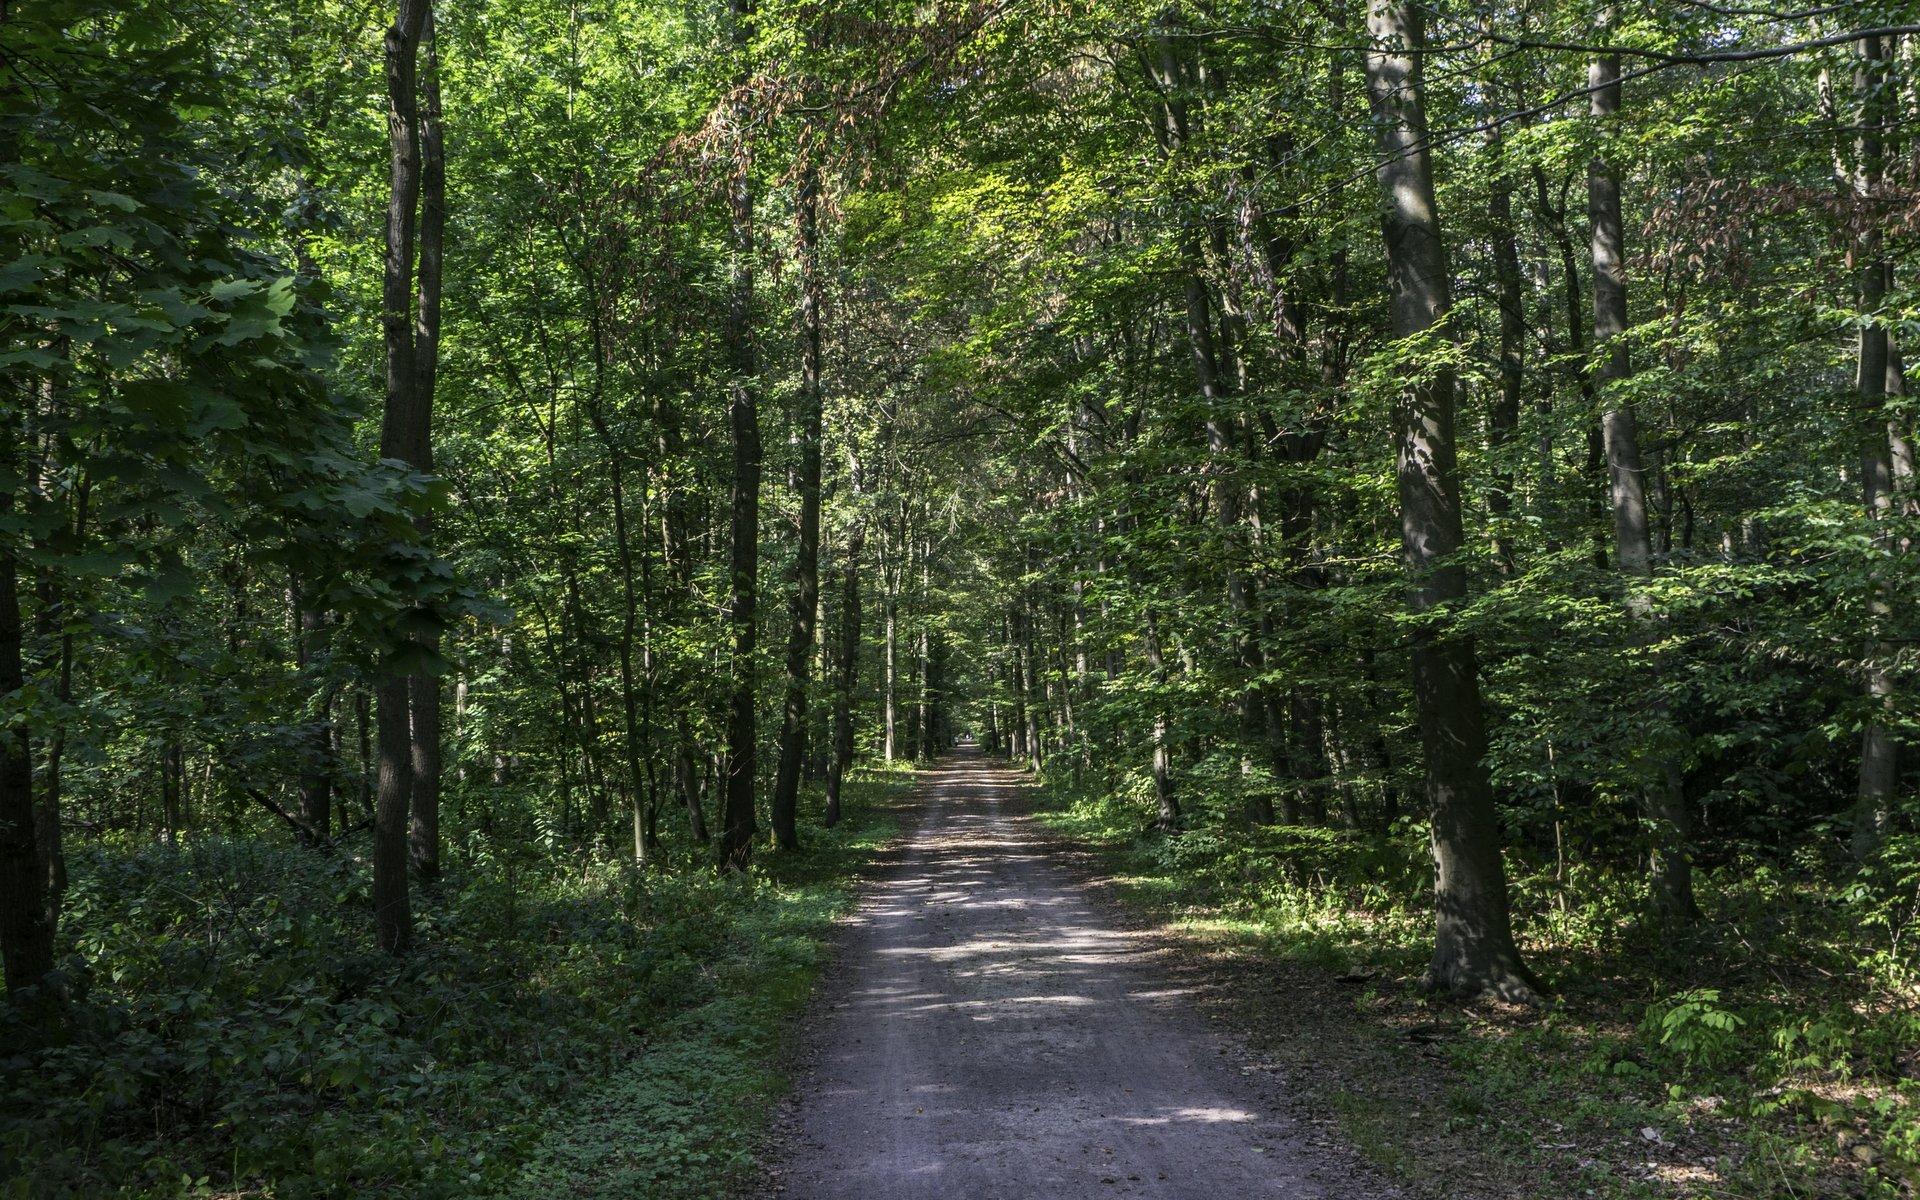 Oelkersweg in der Eilenriede